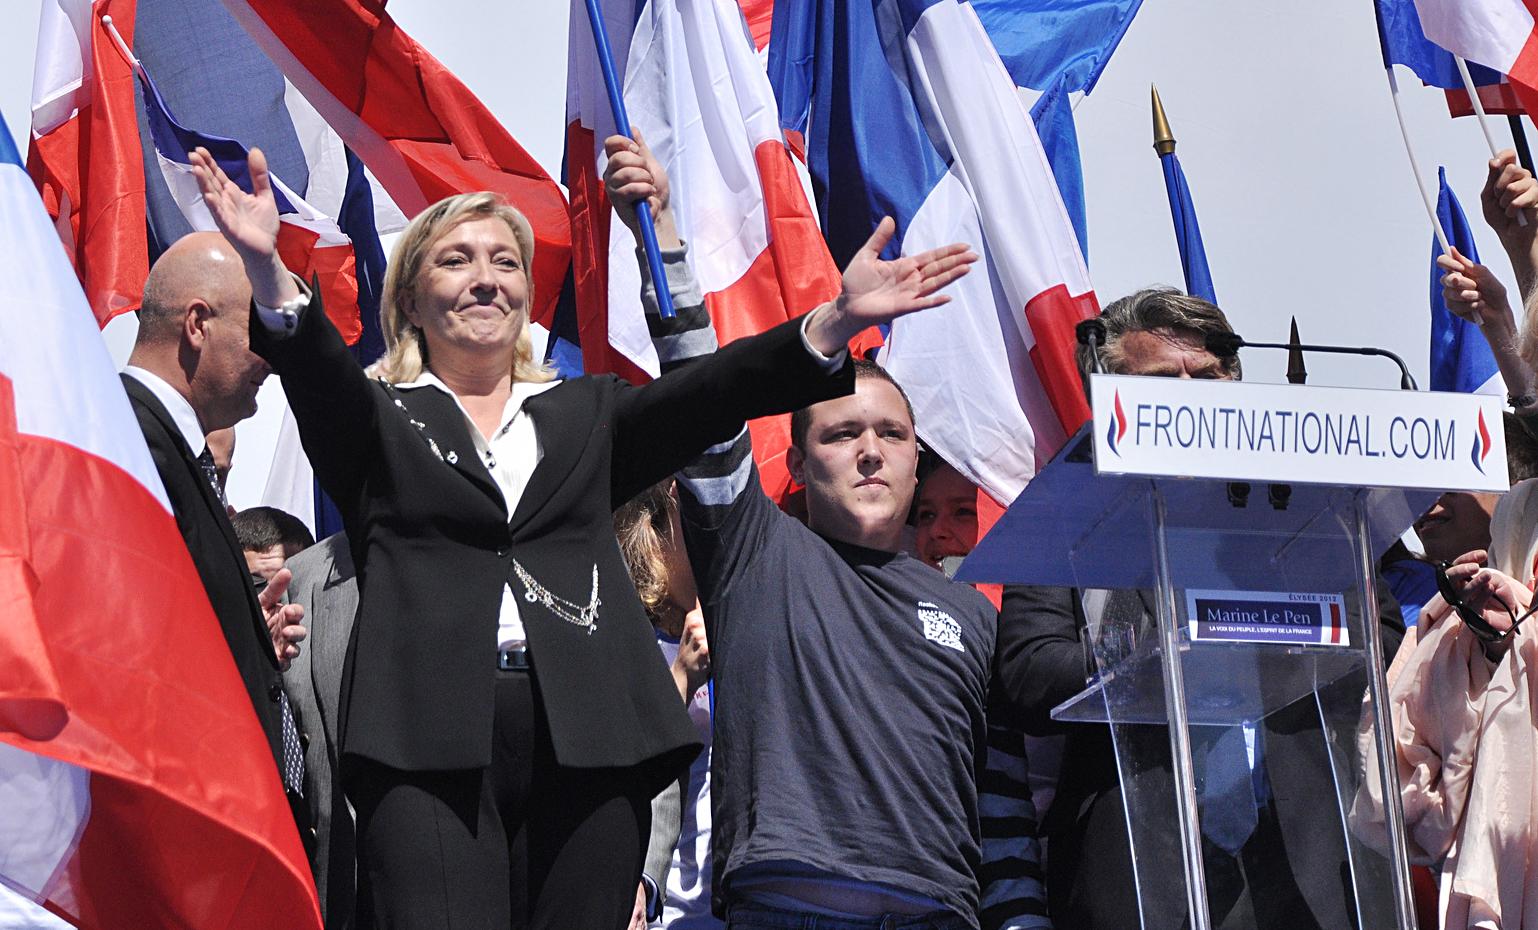 """Passen die Begriffe """"populistisch"""" und """"neofaschistisch"""" auf den Front National?"""